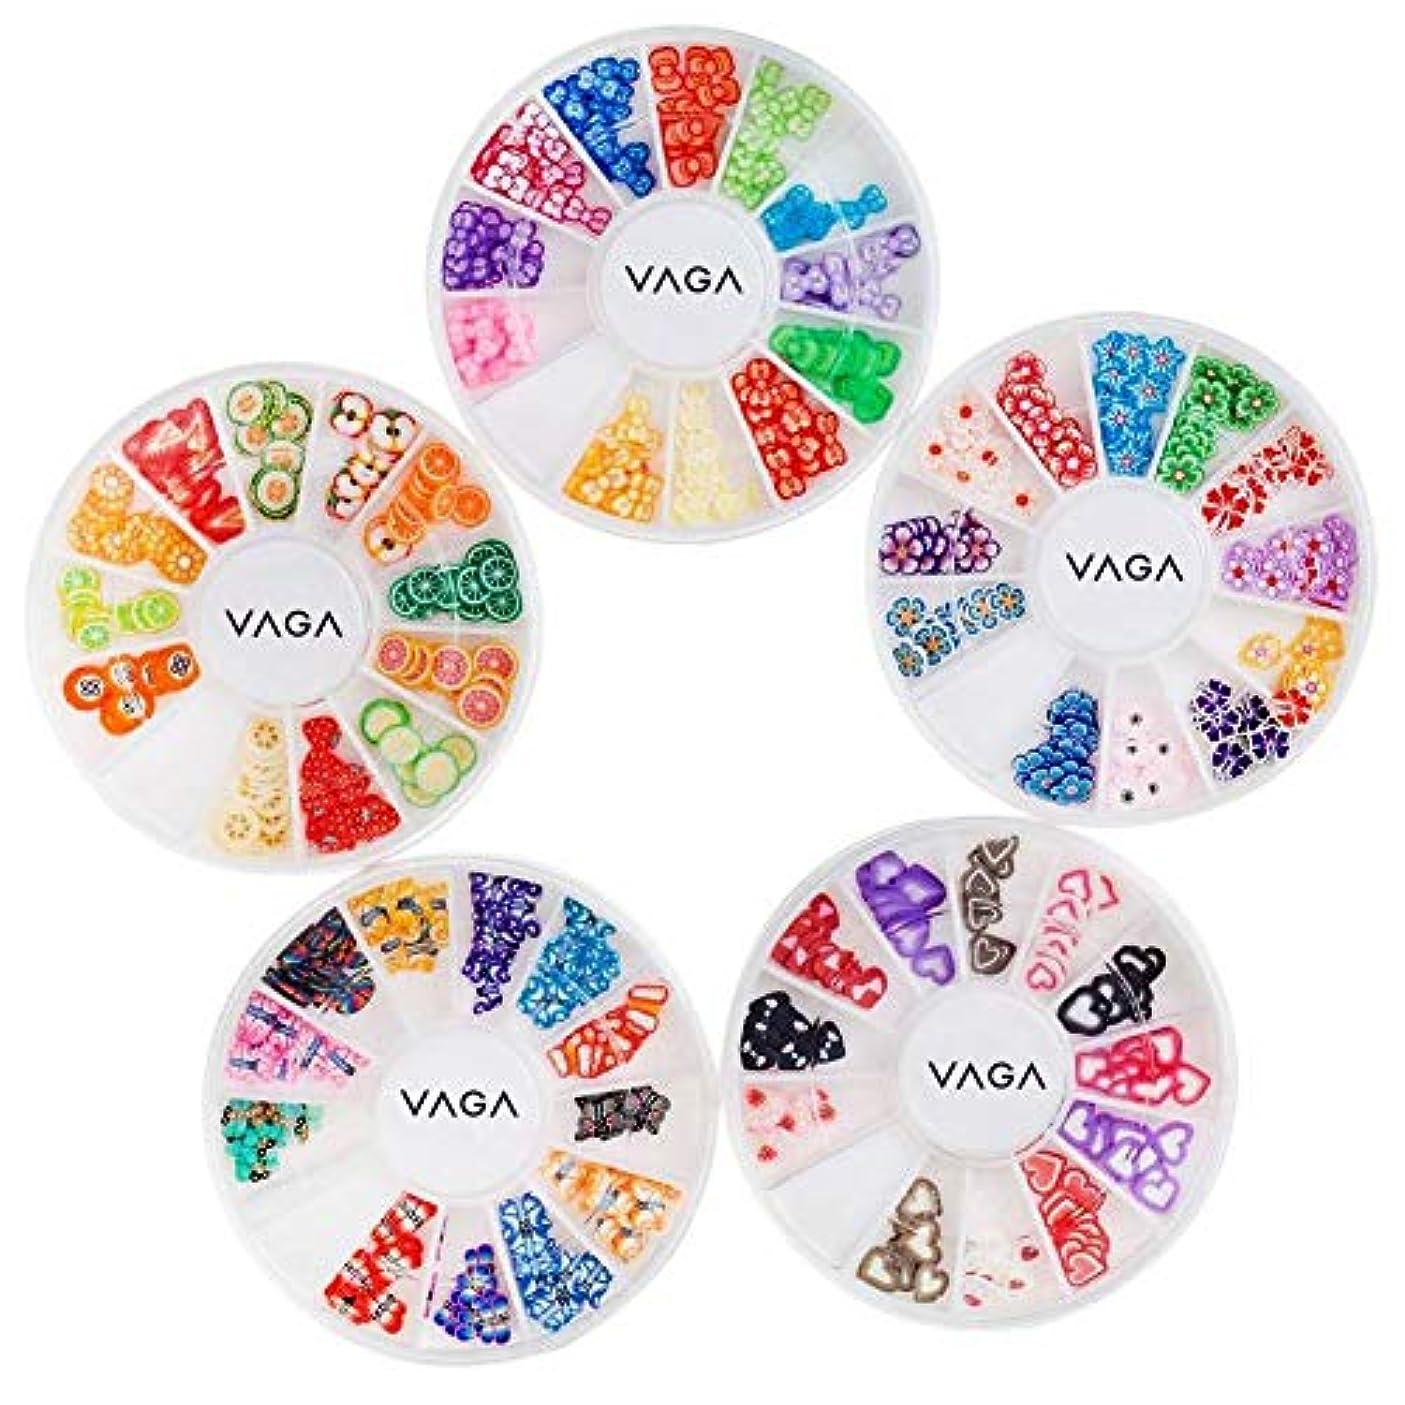 不規則性晴れ仲間5高品質マニキュア3Dネイルアートデコレーションホイールのアメージングバリューセットキットは、心、動物、フルーツ、蝶、花のパターン/形状と多くの異なる色でフィモスライス/デカールピースとホイール